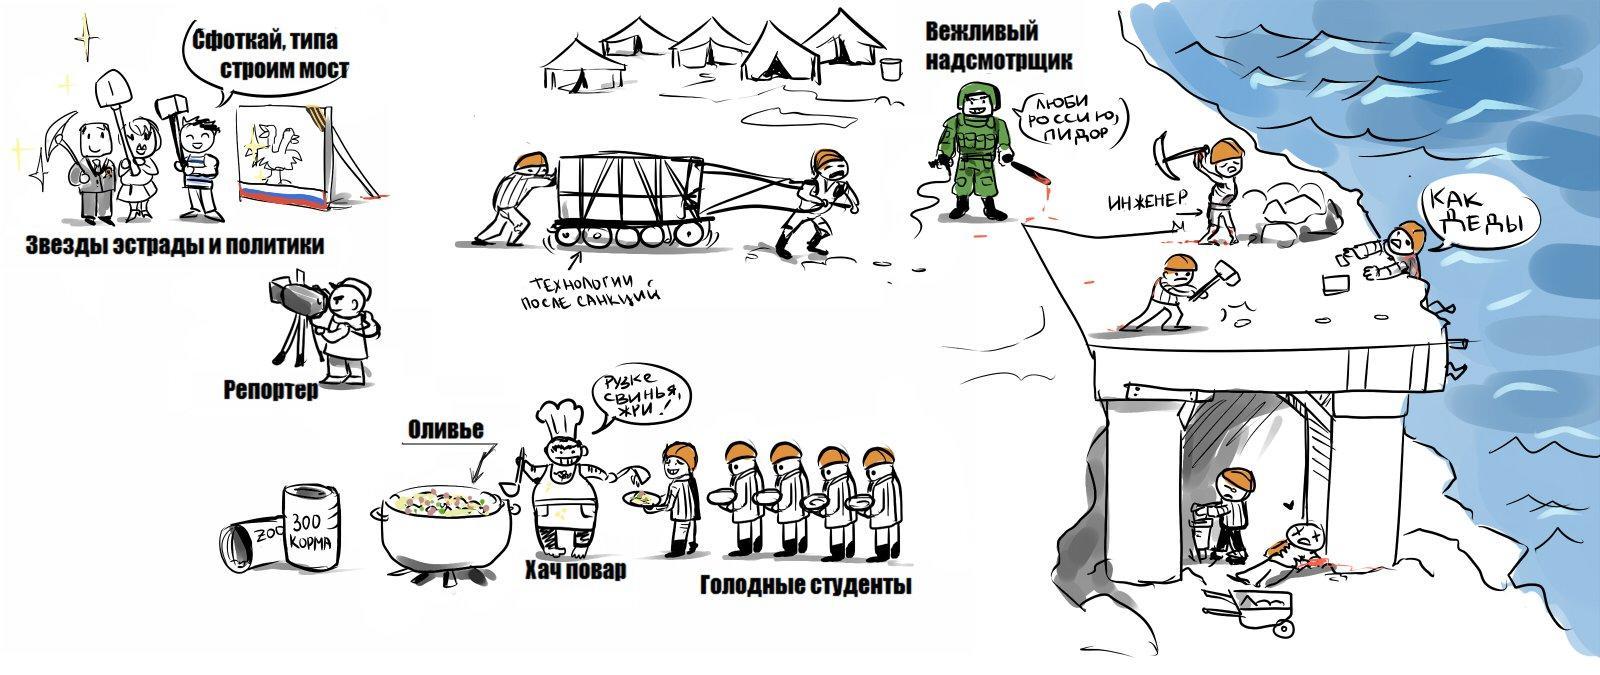 717 человек с недействительными документами пытались пересечь границу с Крымом, - Госпогранслужба - Цензор.НЕТ 6941